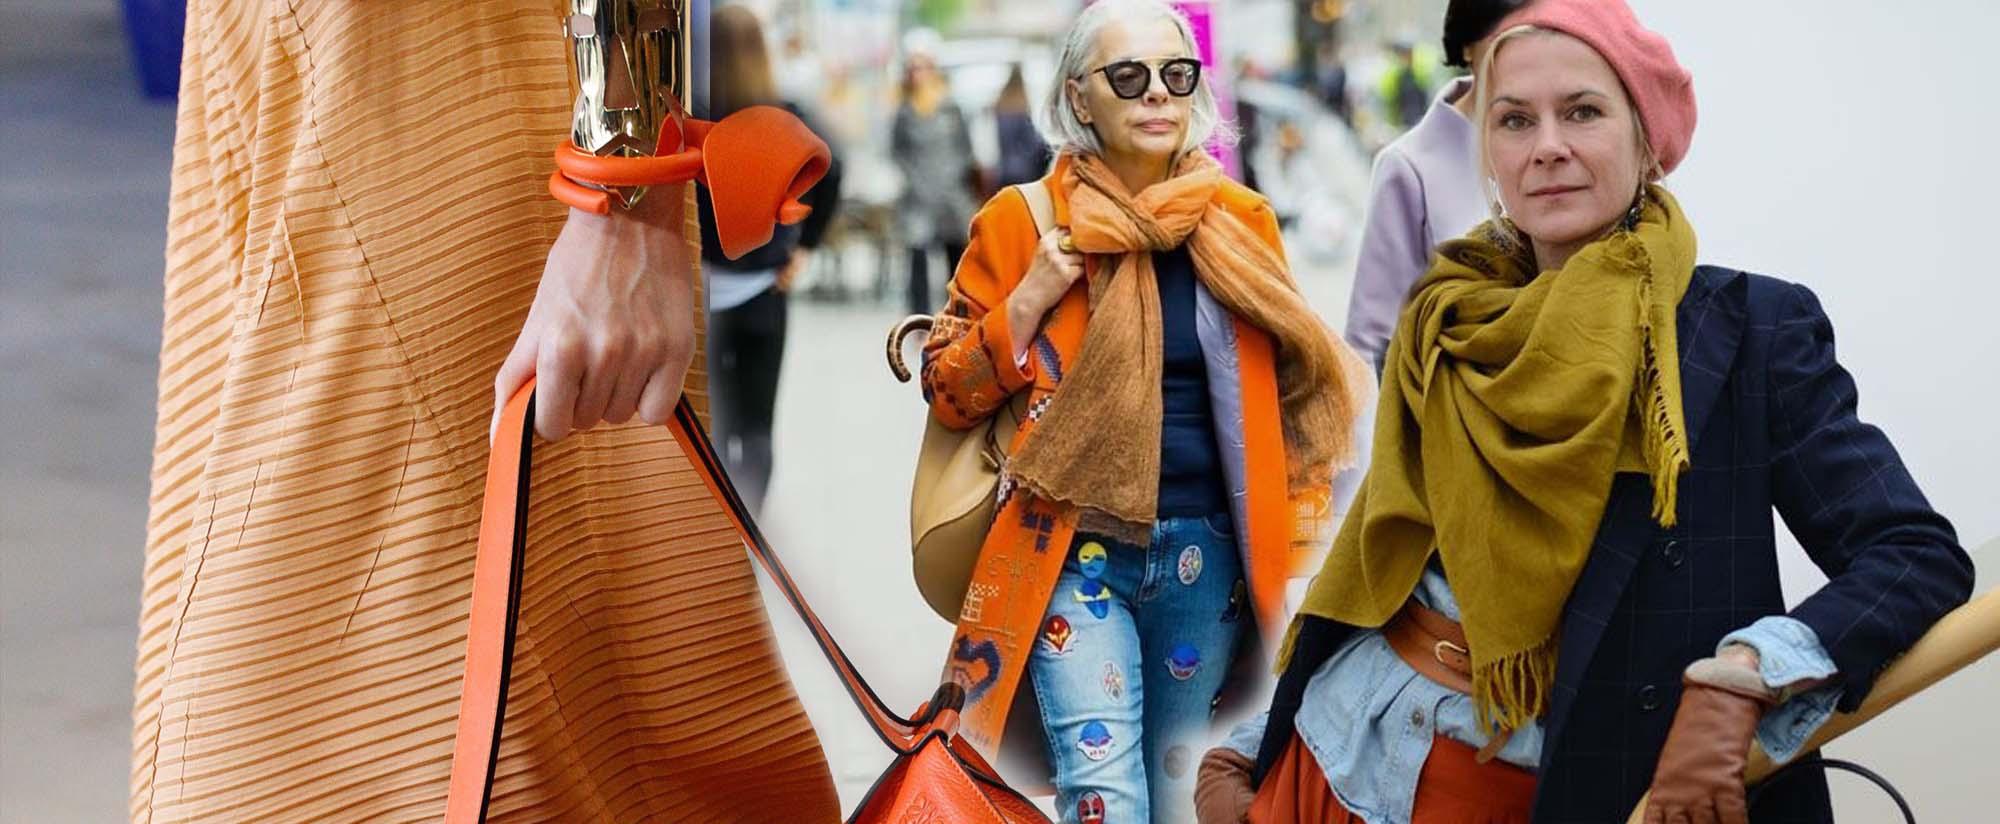 אופנה ופרשת השבוע- גם סטייליסטית רוצה מילה טובה, מגזין אופנה